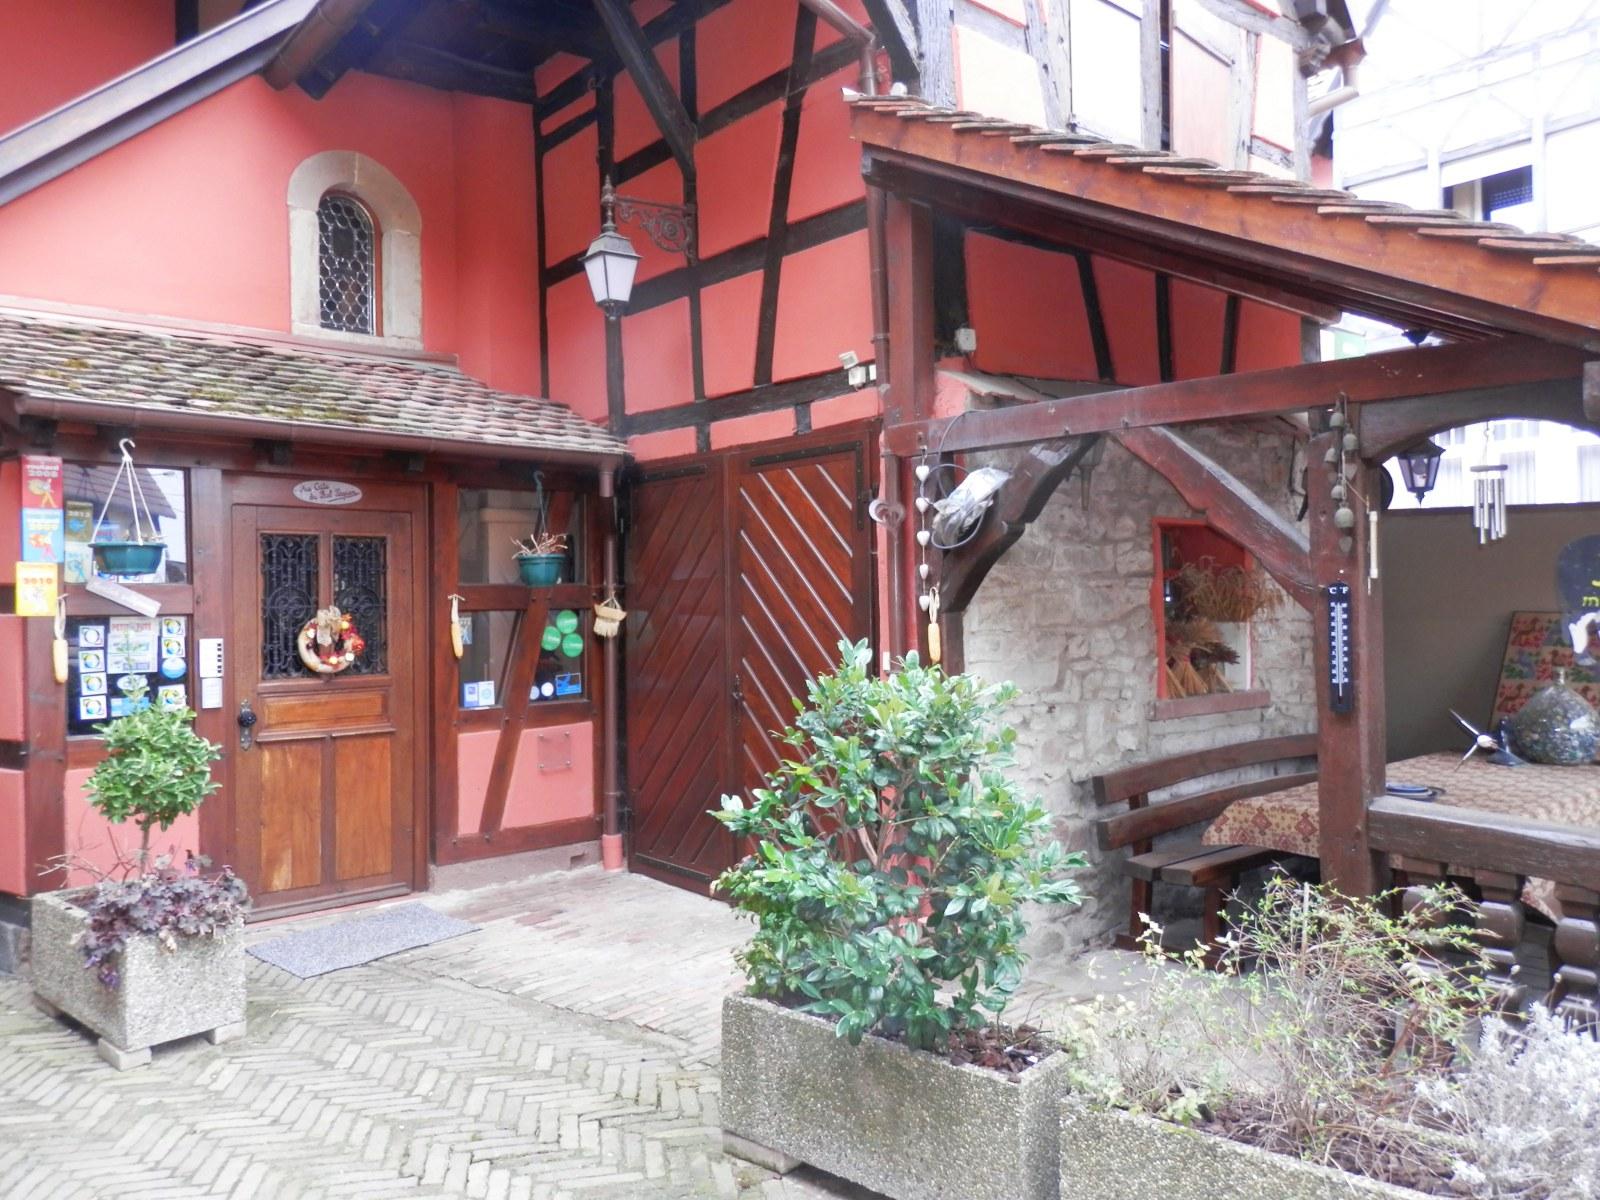 Chambres d'hôtes Au bal paysan - Scottisch (Berstett)